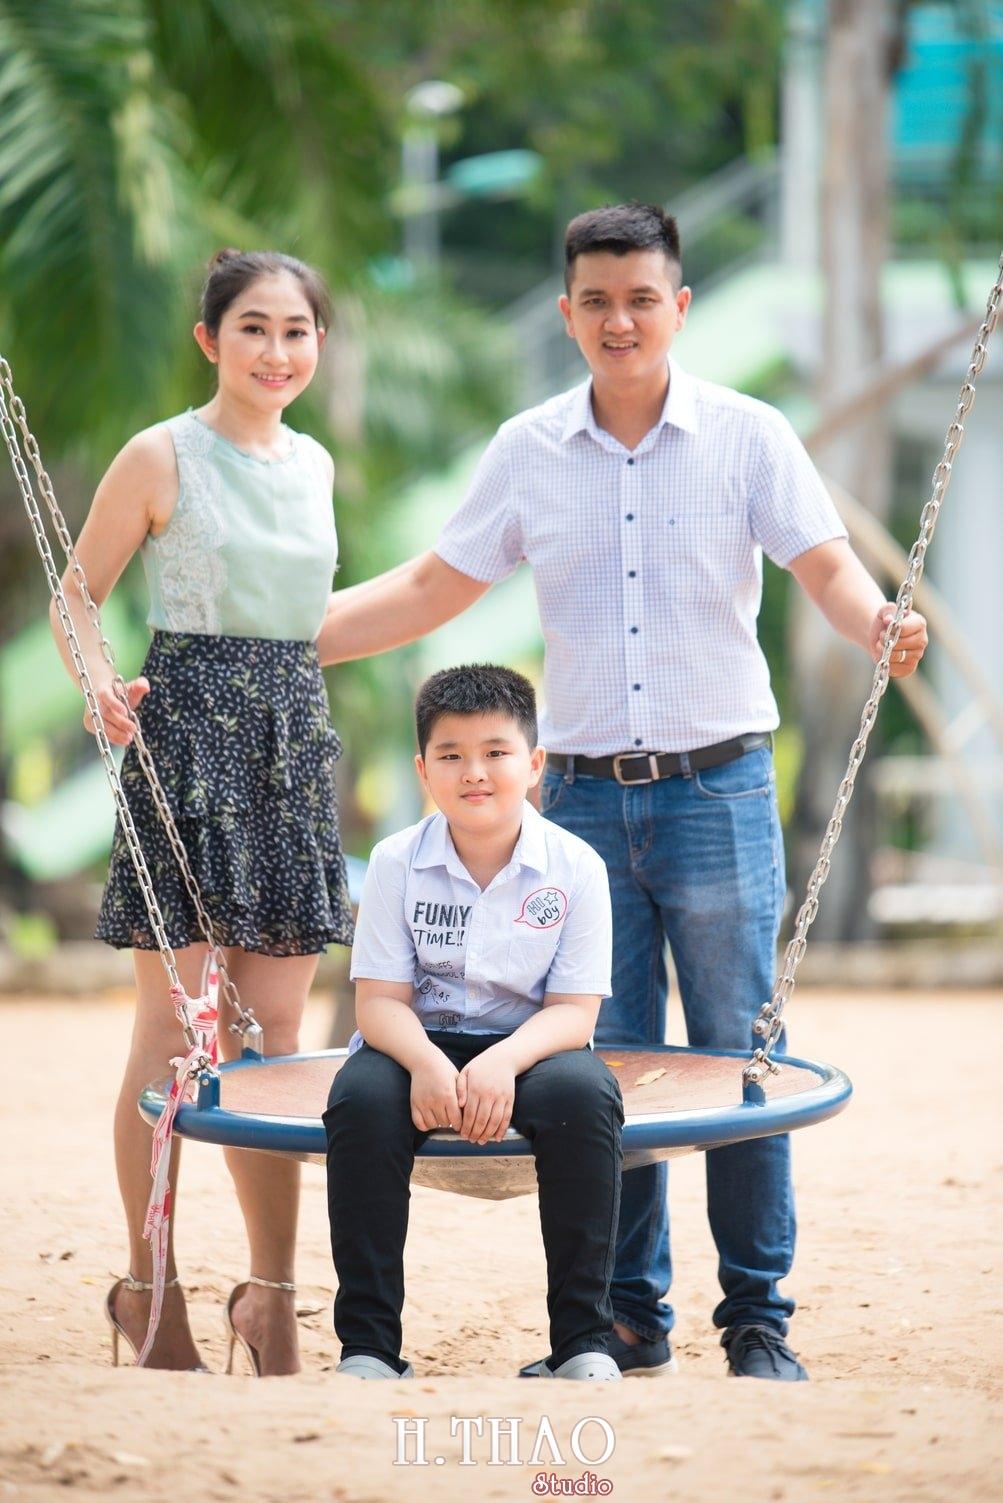 Anh Gia dinh 3 nguoi 21 - Bộ ảnh gia đình 3 người chụp ngoại cảnh đẹp tự nhiên - HThao Studio